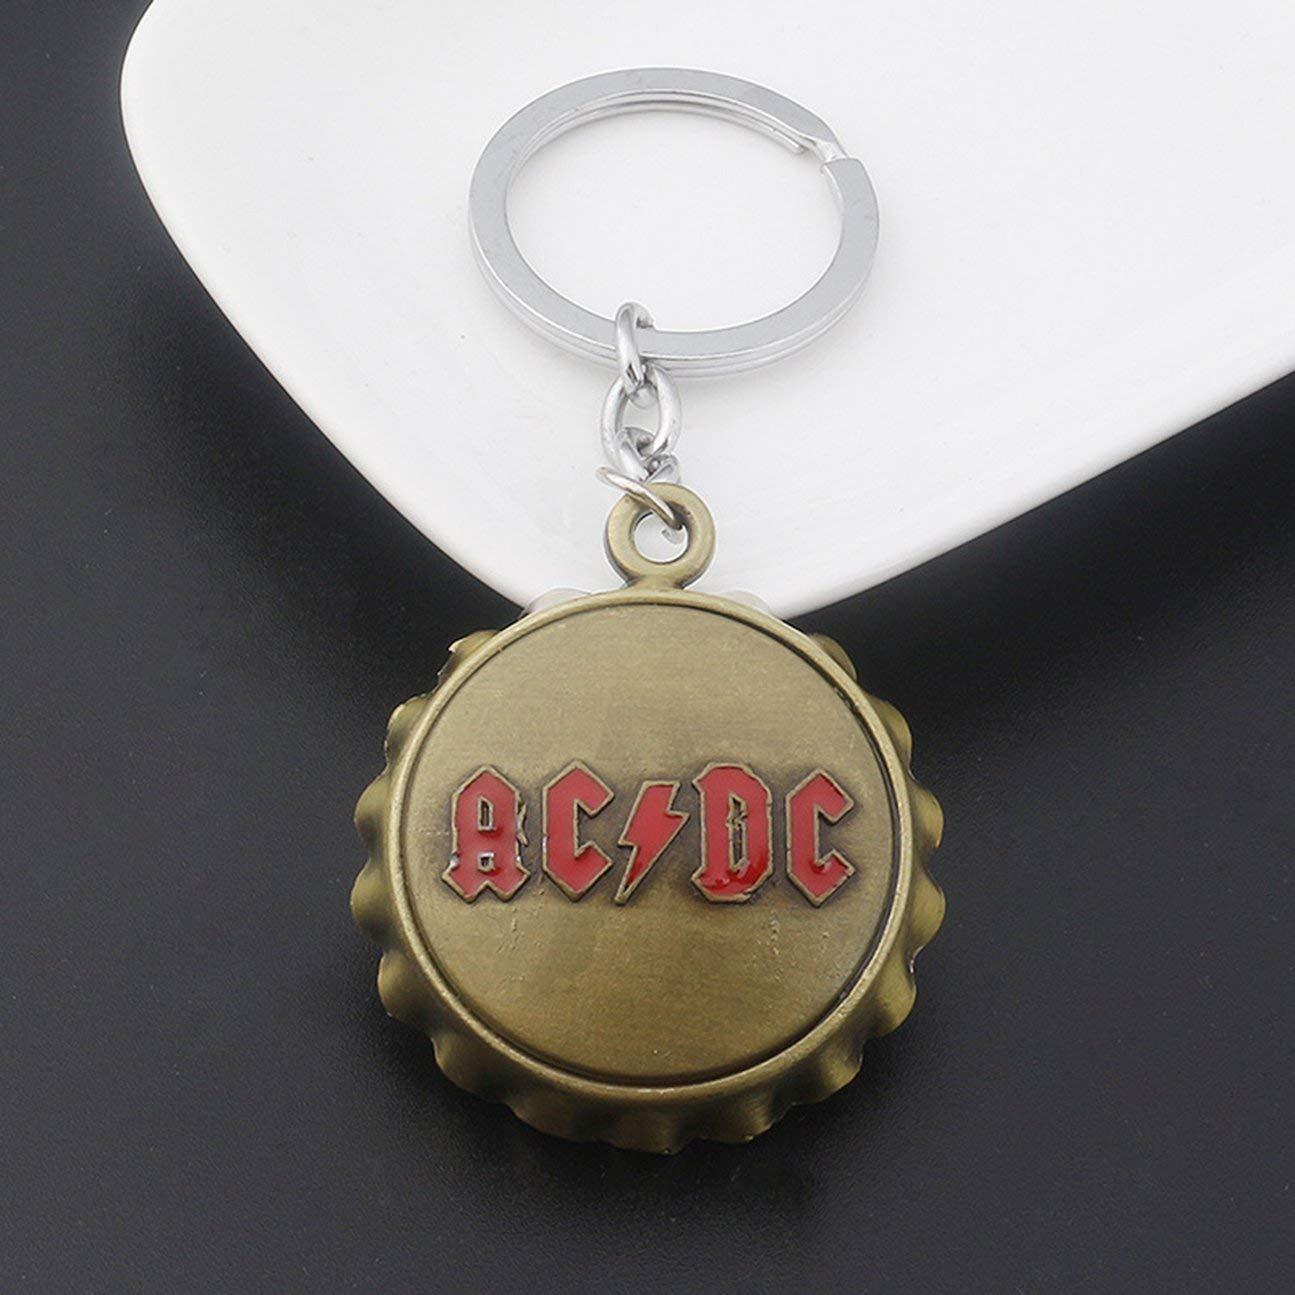 Key Buckle Acdc inglese lettera apribottiglie ciondolo portachiavi catena bronzo dorato